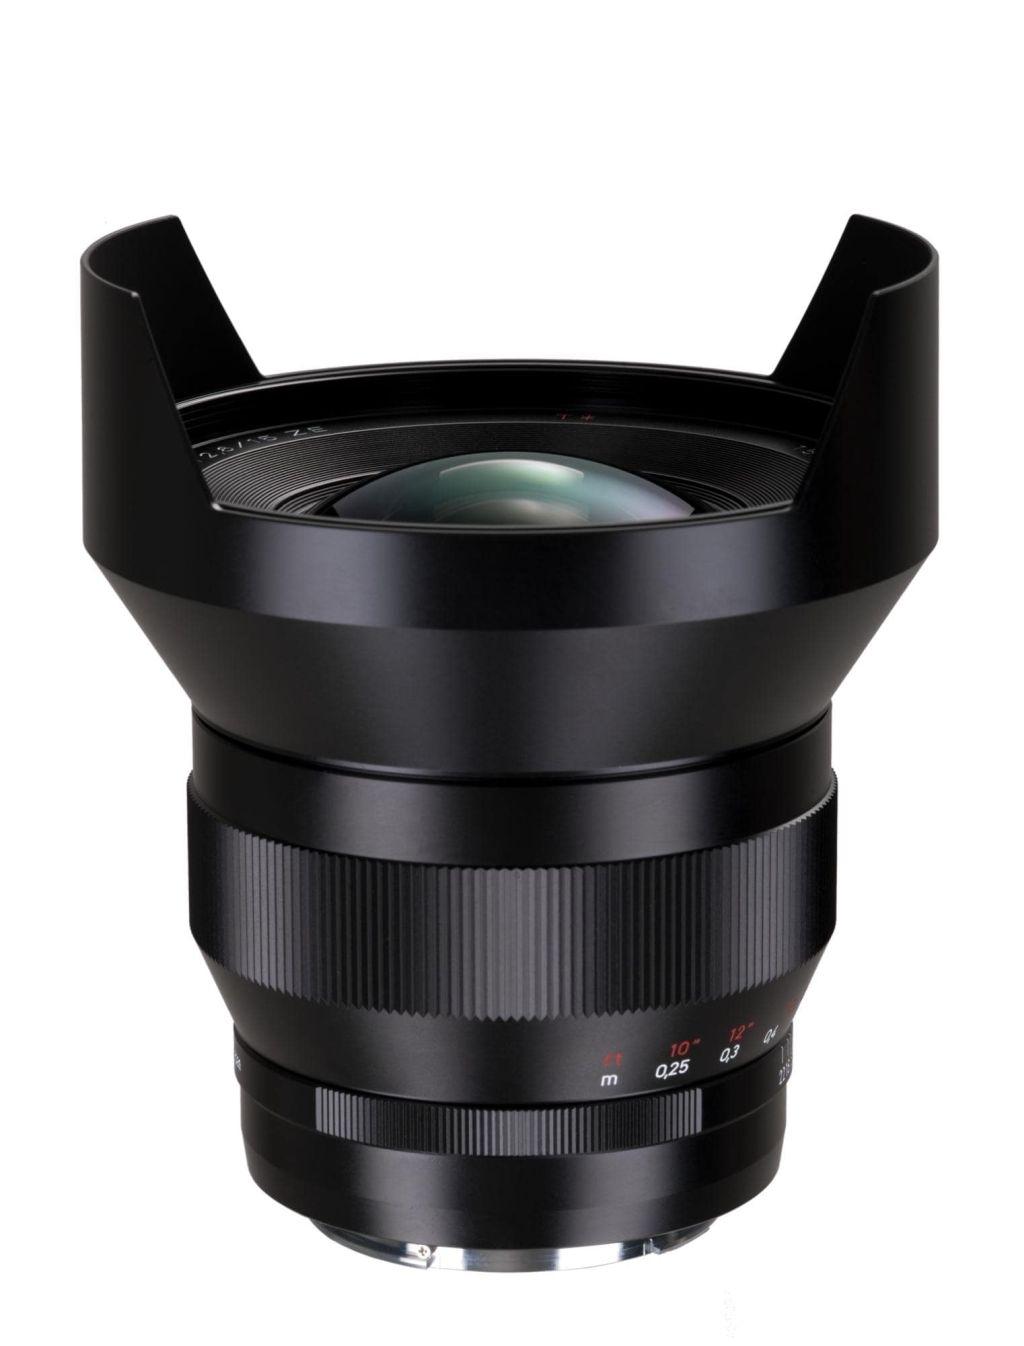 Zeiss f. Nikon 2,8/15mm ZF.2 Distagon T* ohne Gegenlichtblende